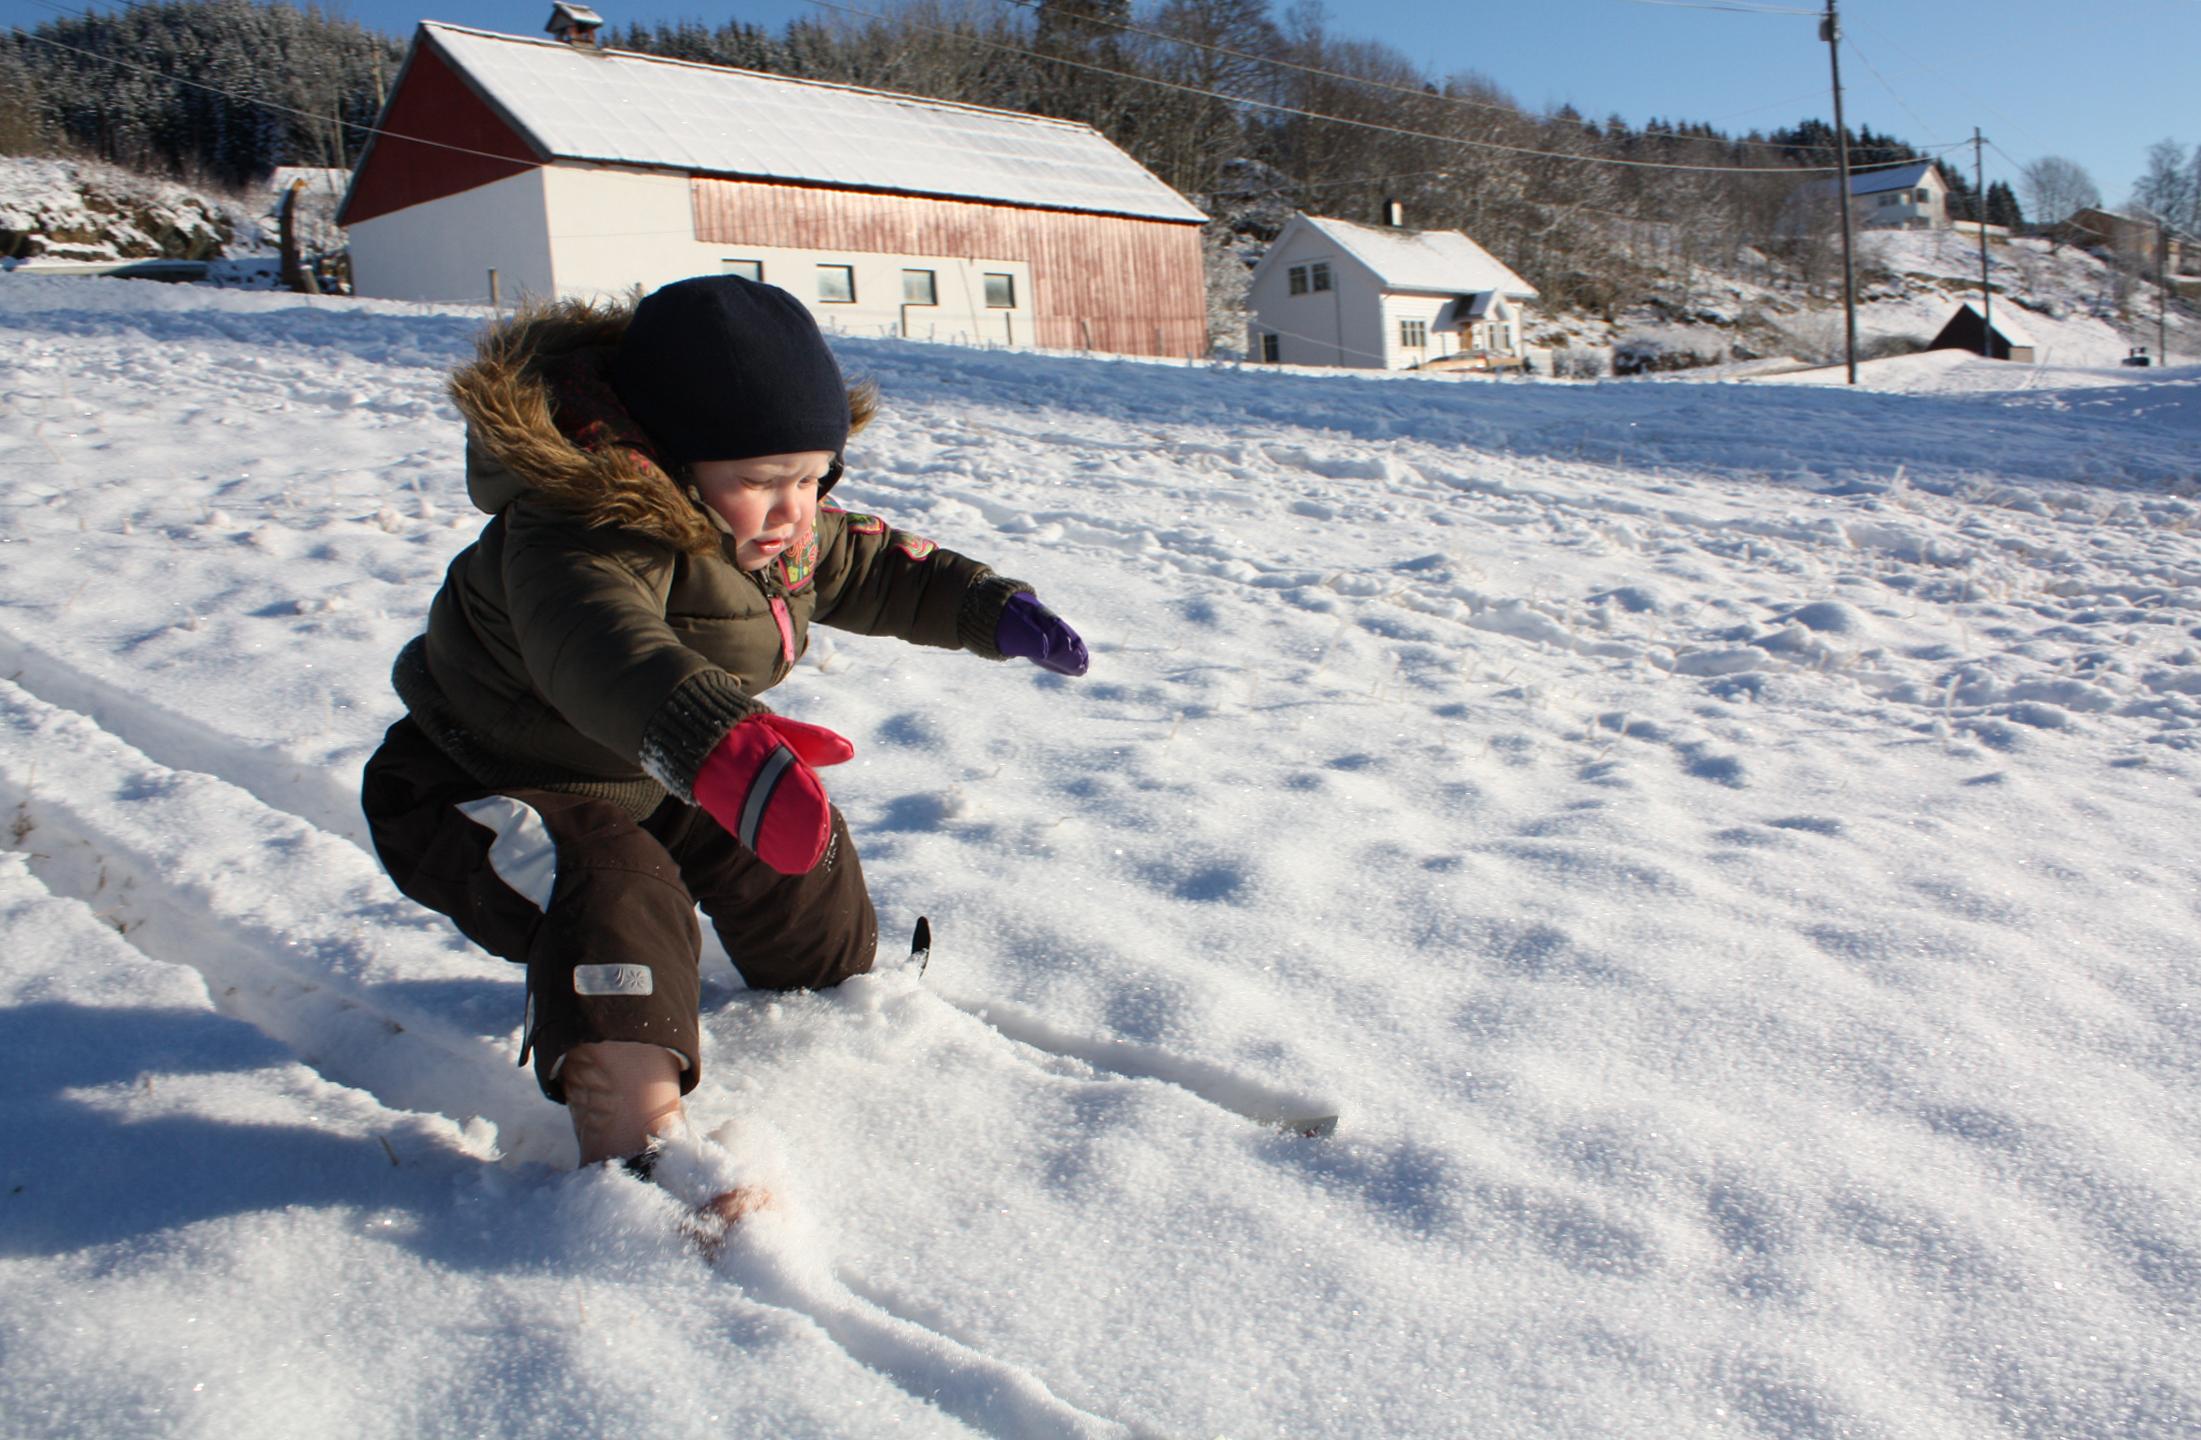 Linda Sæle Kjenes_den første skituren_Sagstadveien Meland[1].jpg